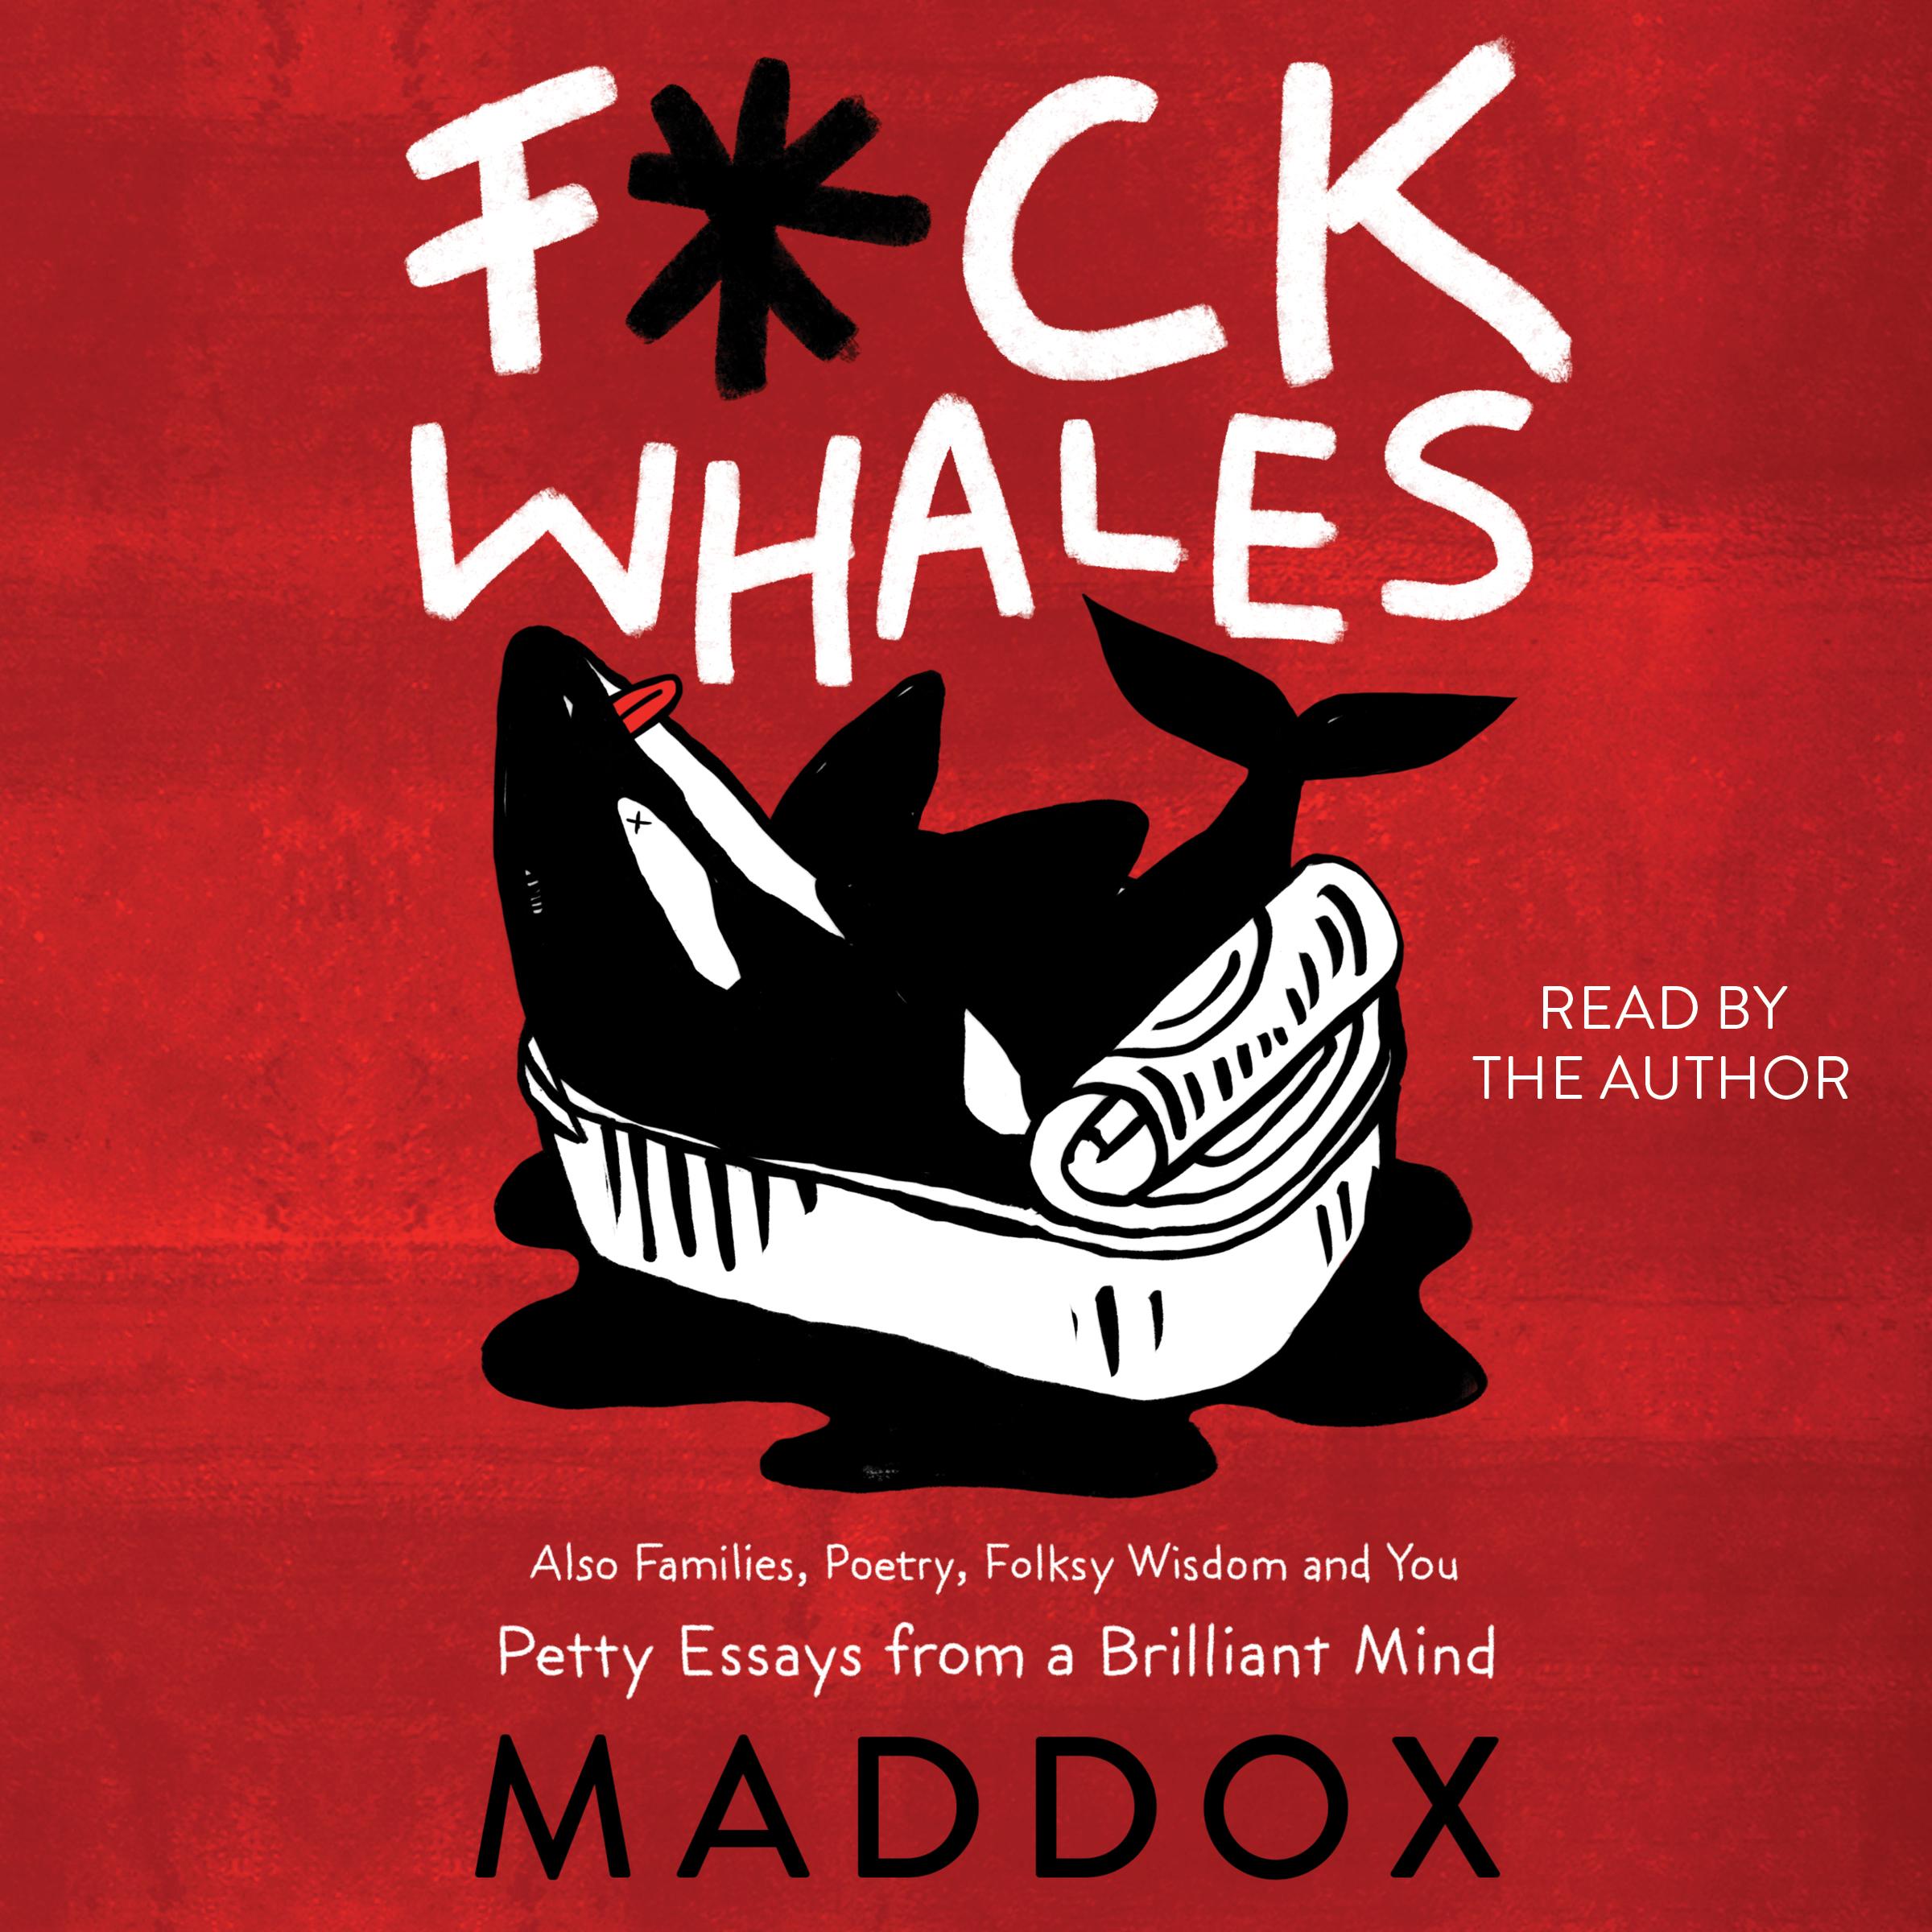 Fck whales 9781508251910 hr